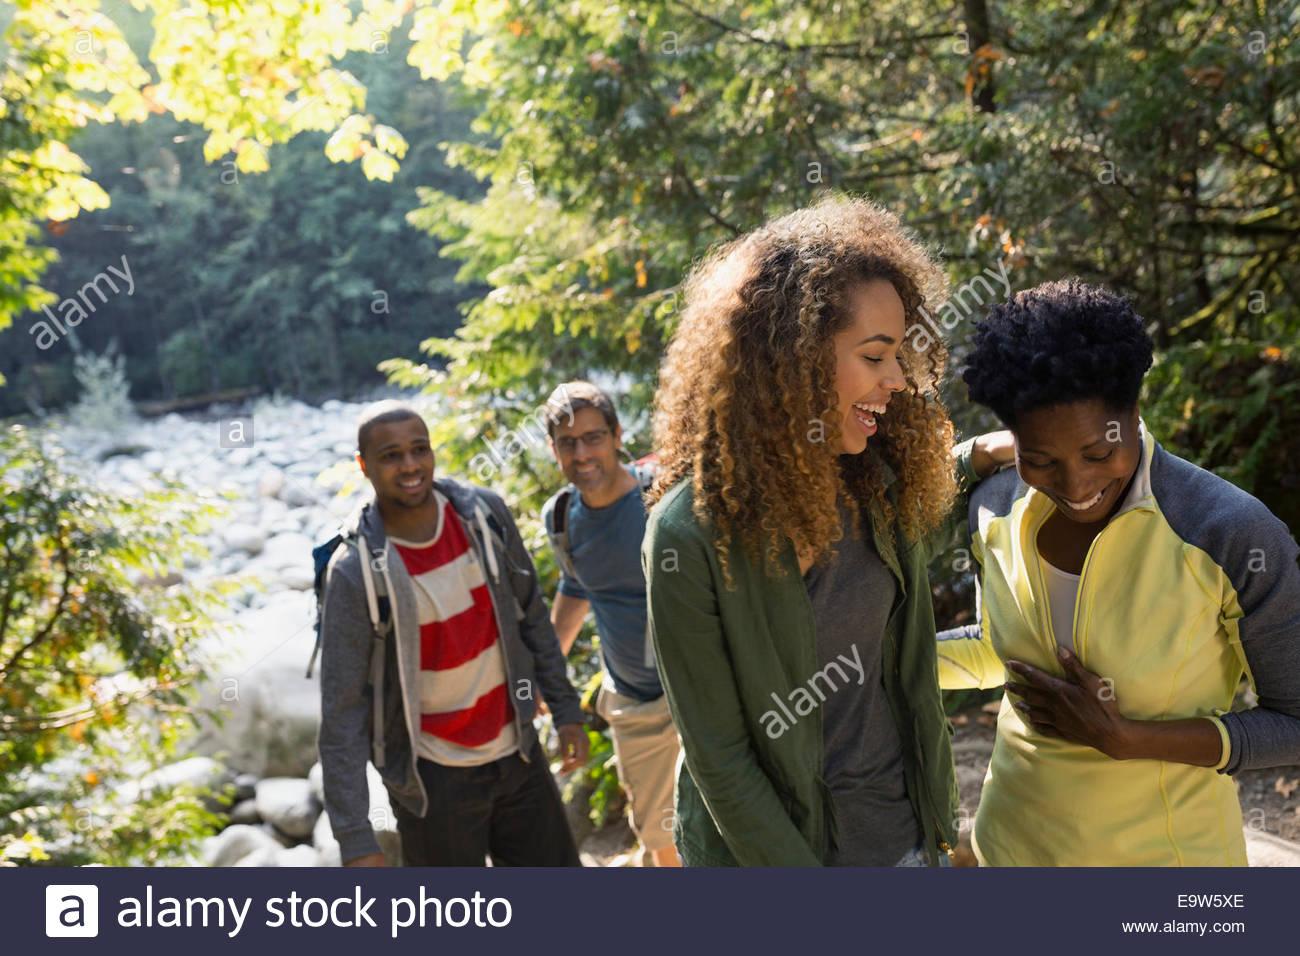 Amigos riendo en sunny woods Imagen De Stock